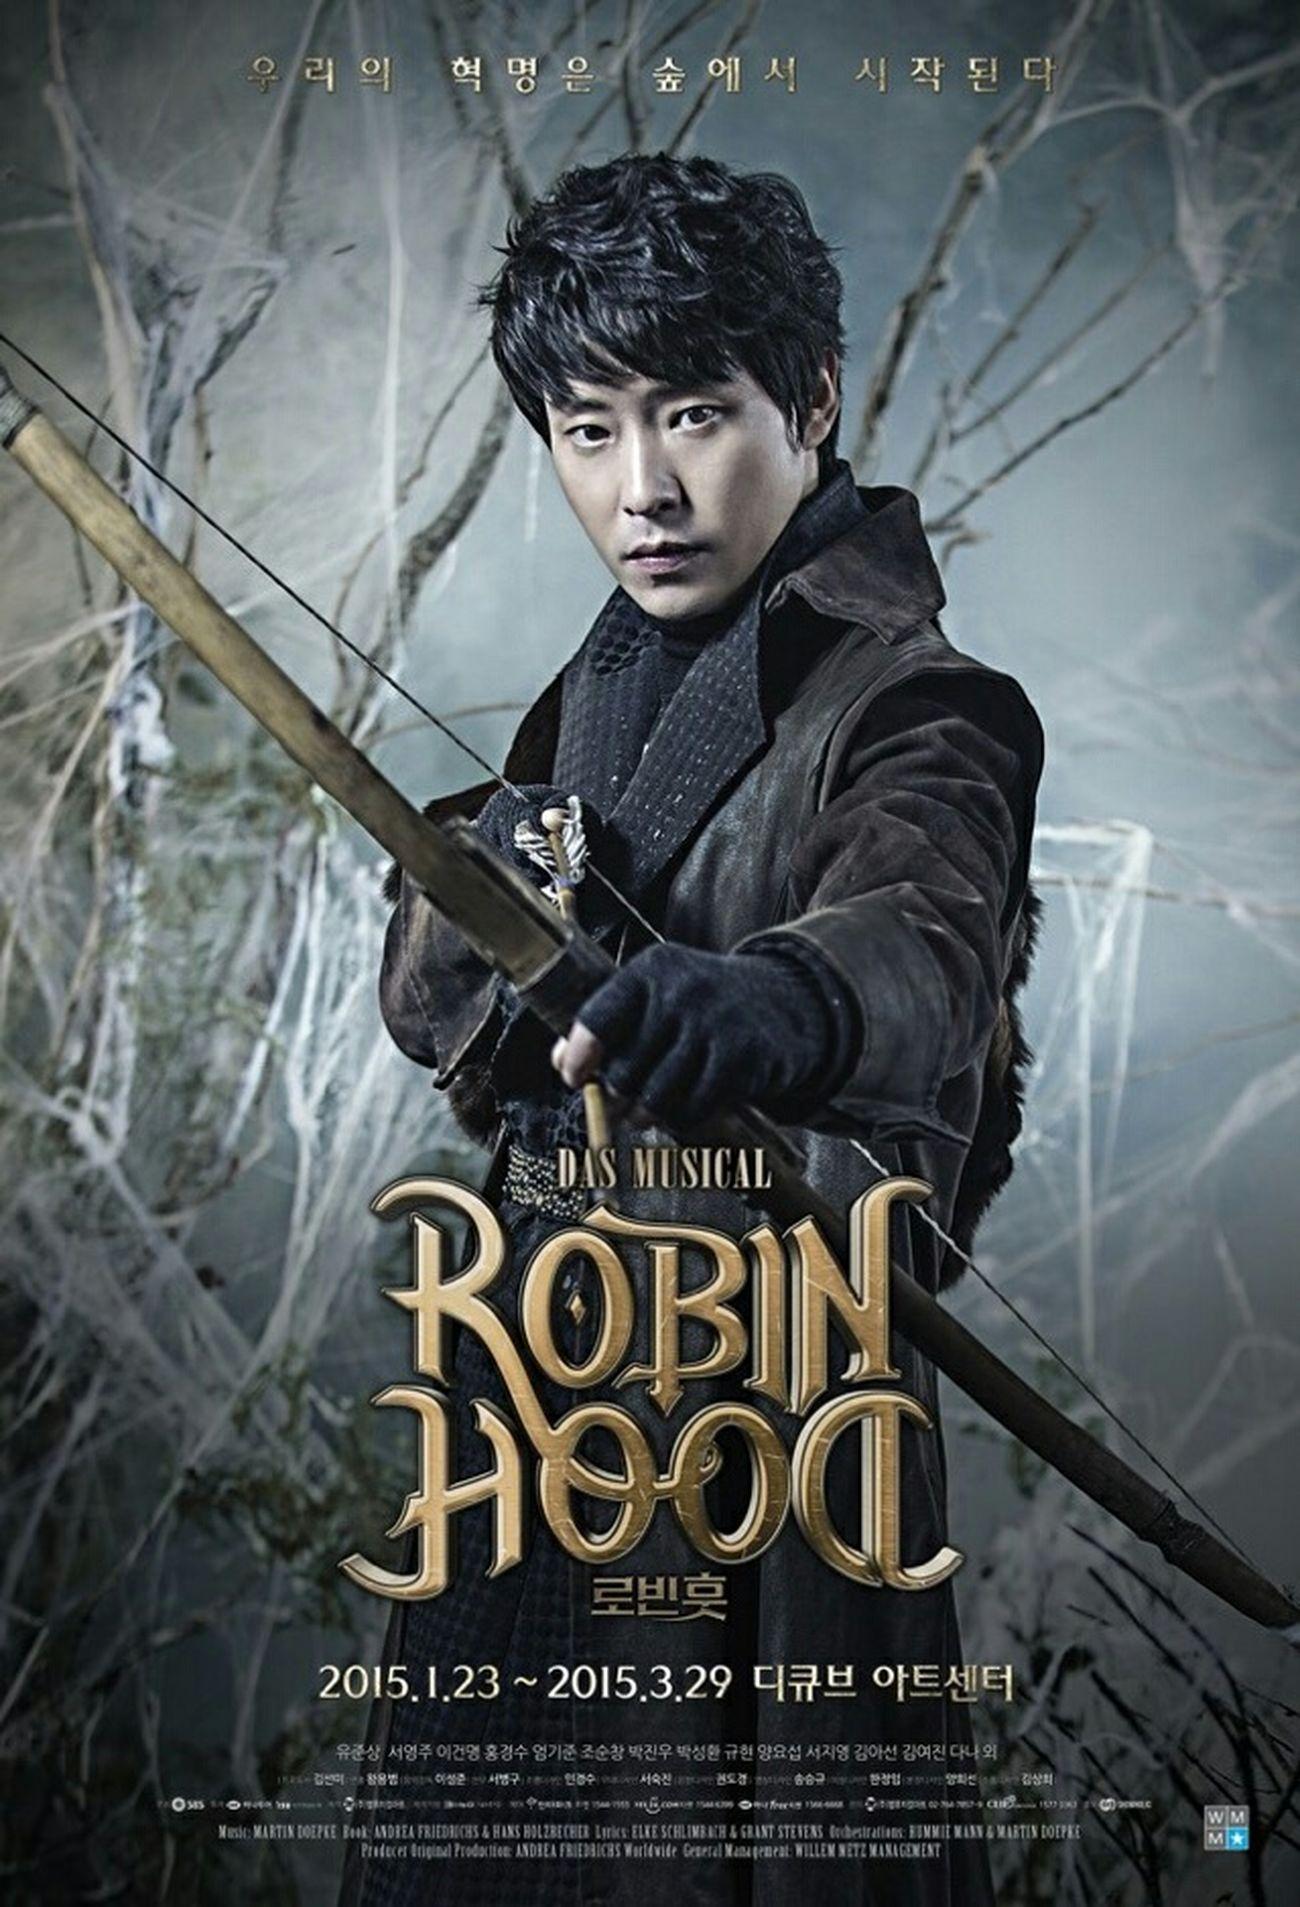 로빈훗 Musical 뮤지컬 엄기준 Robinhood